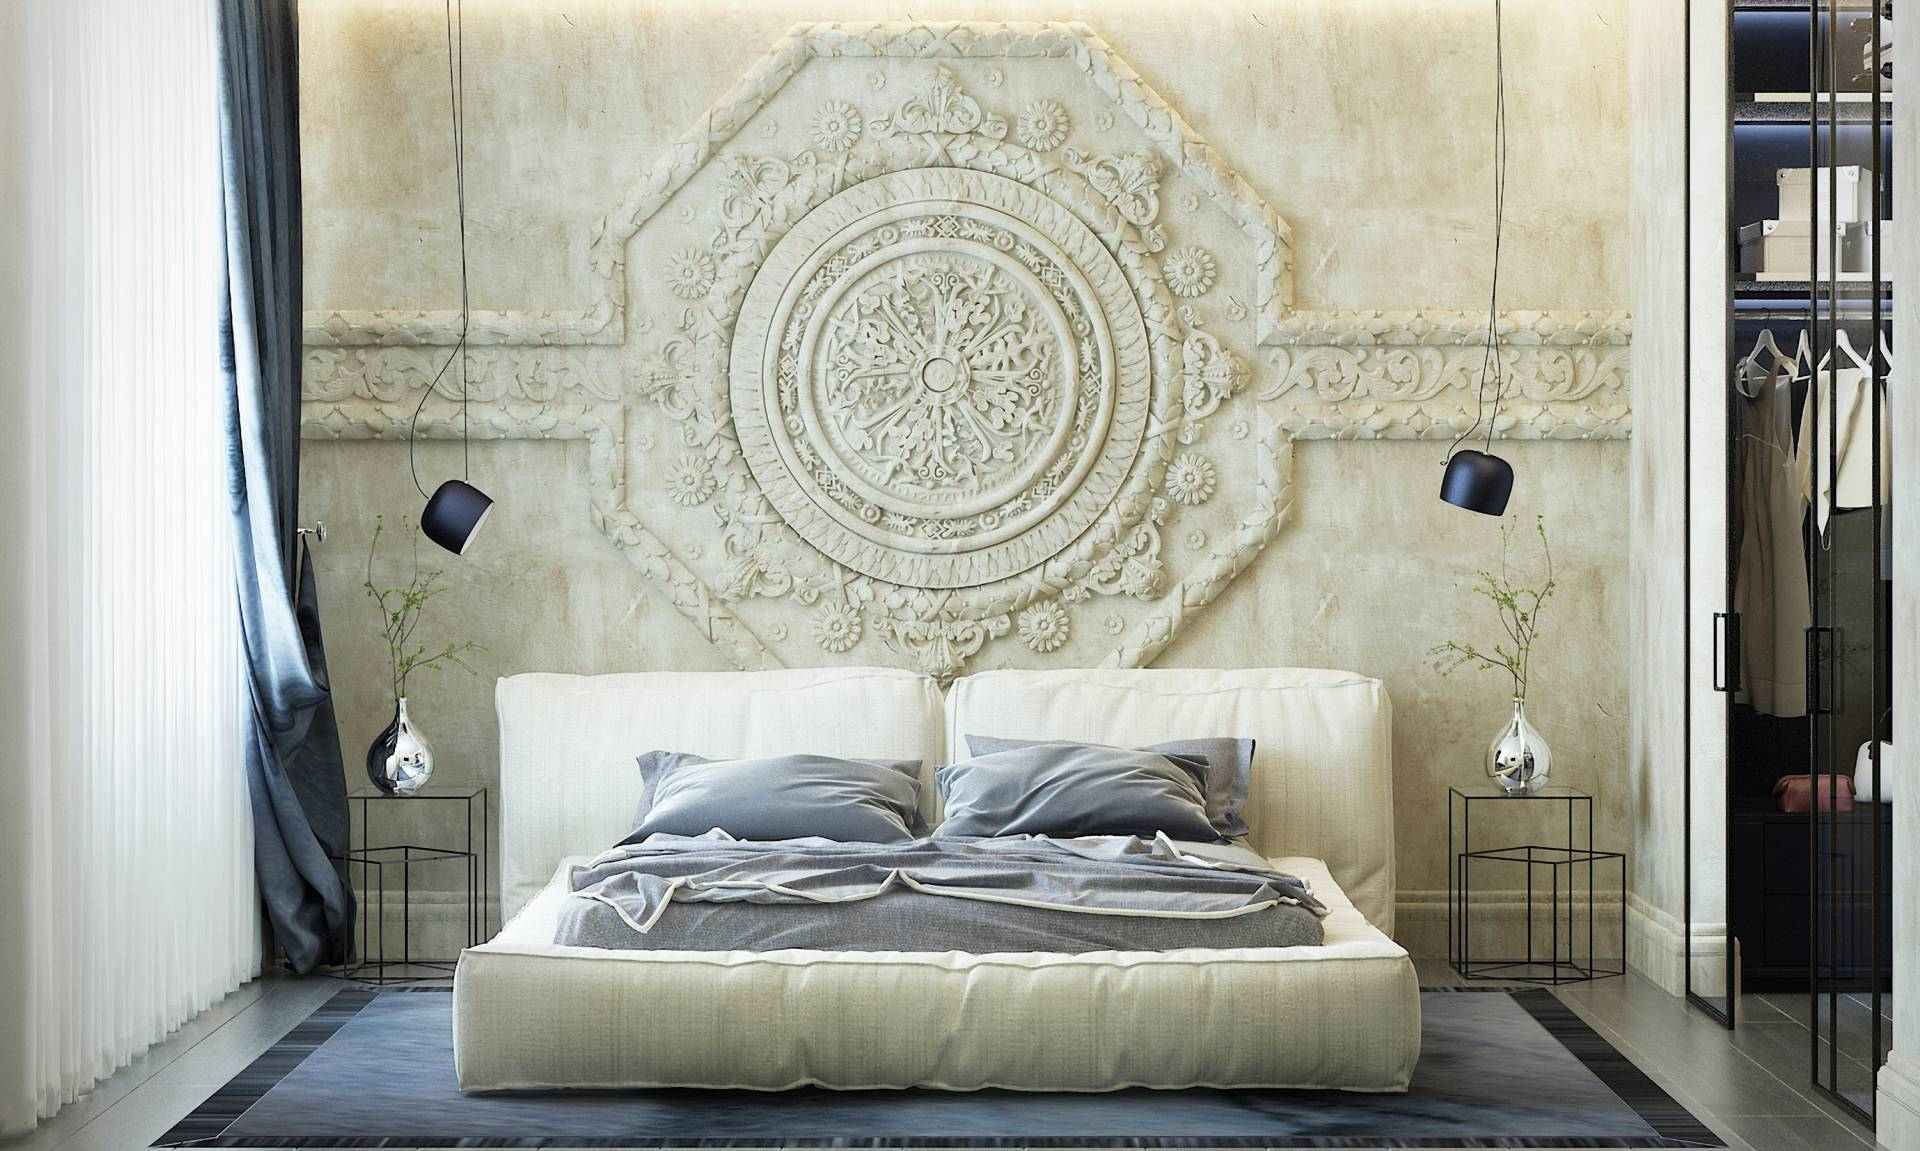 Барельеф над двухспальной кроватью